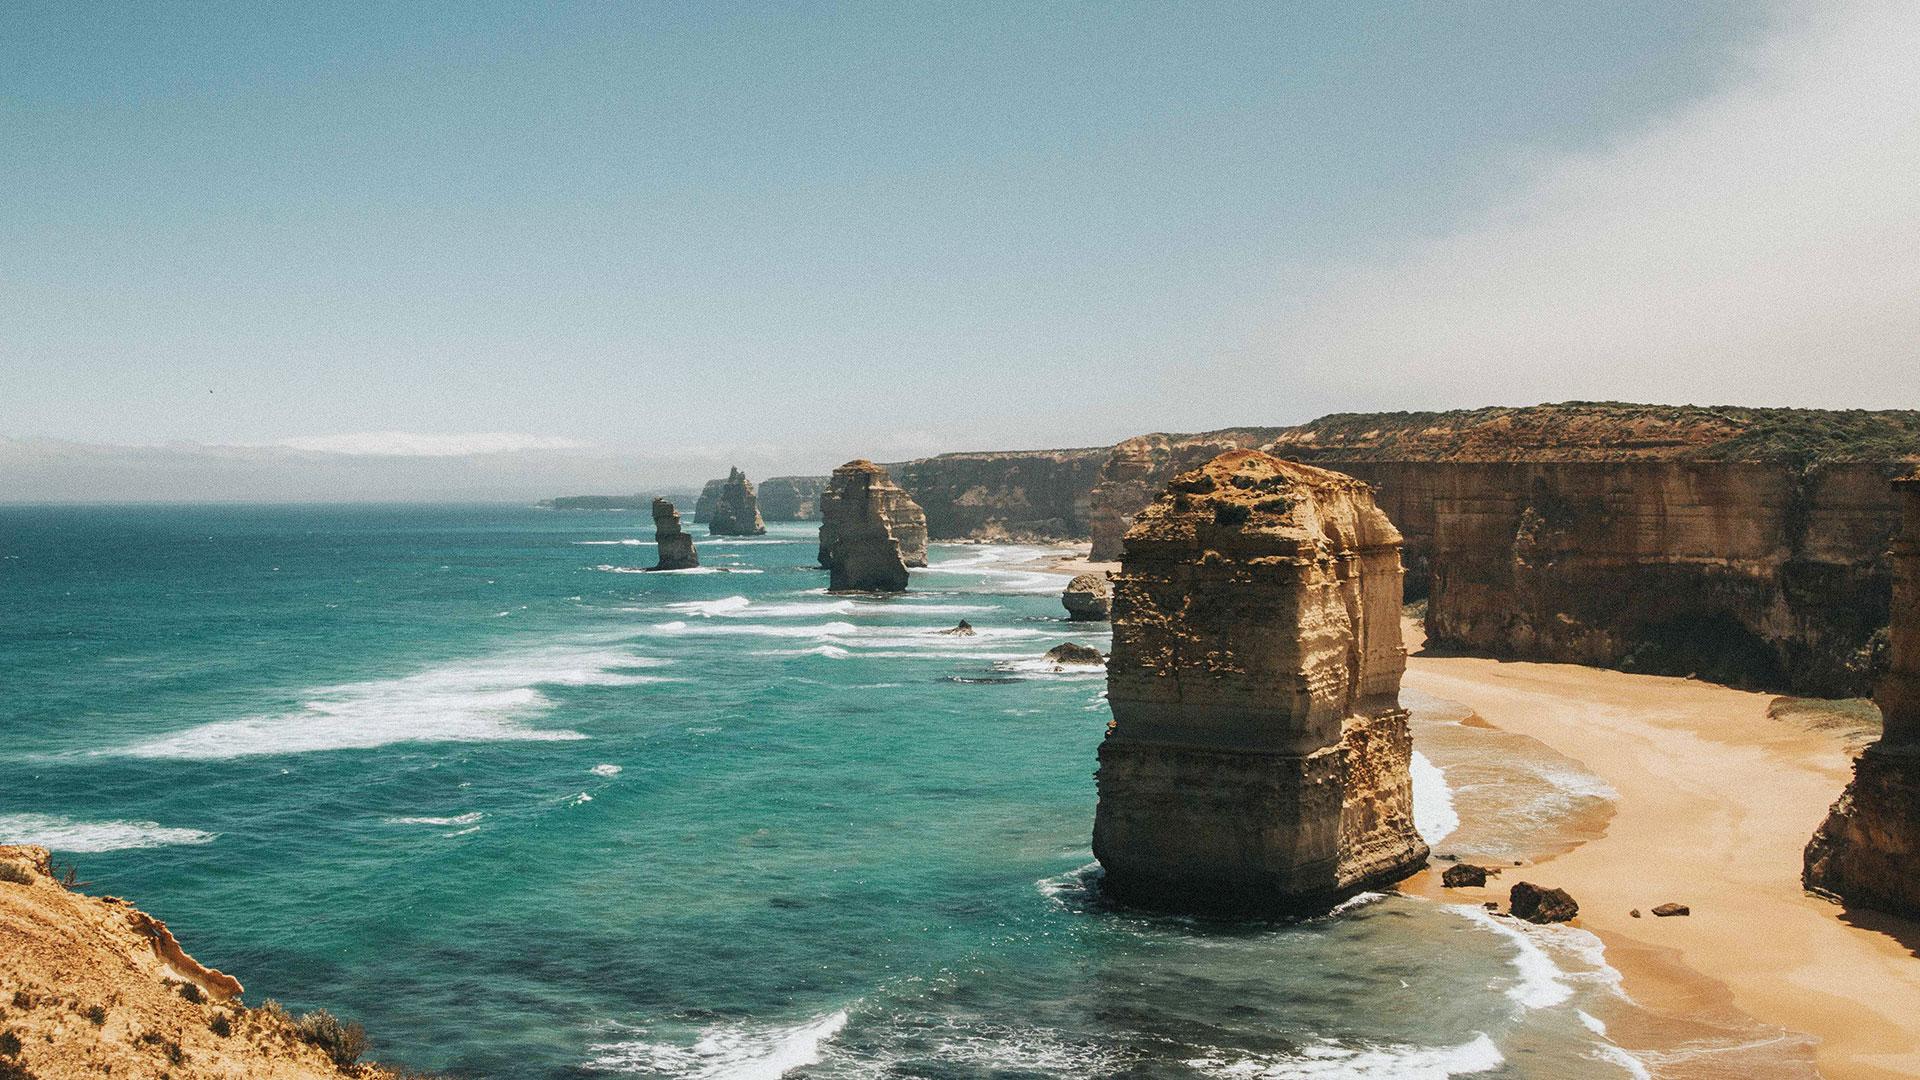 The Twelve Apostles by the Great Ocean Road in Australia. (Cody Board, Unsplash)